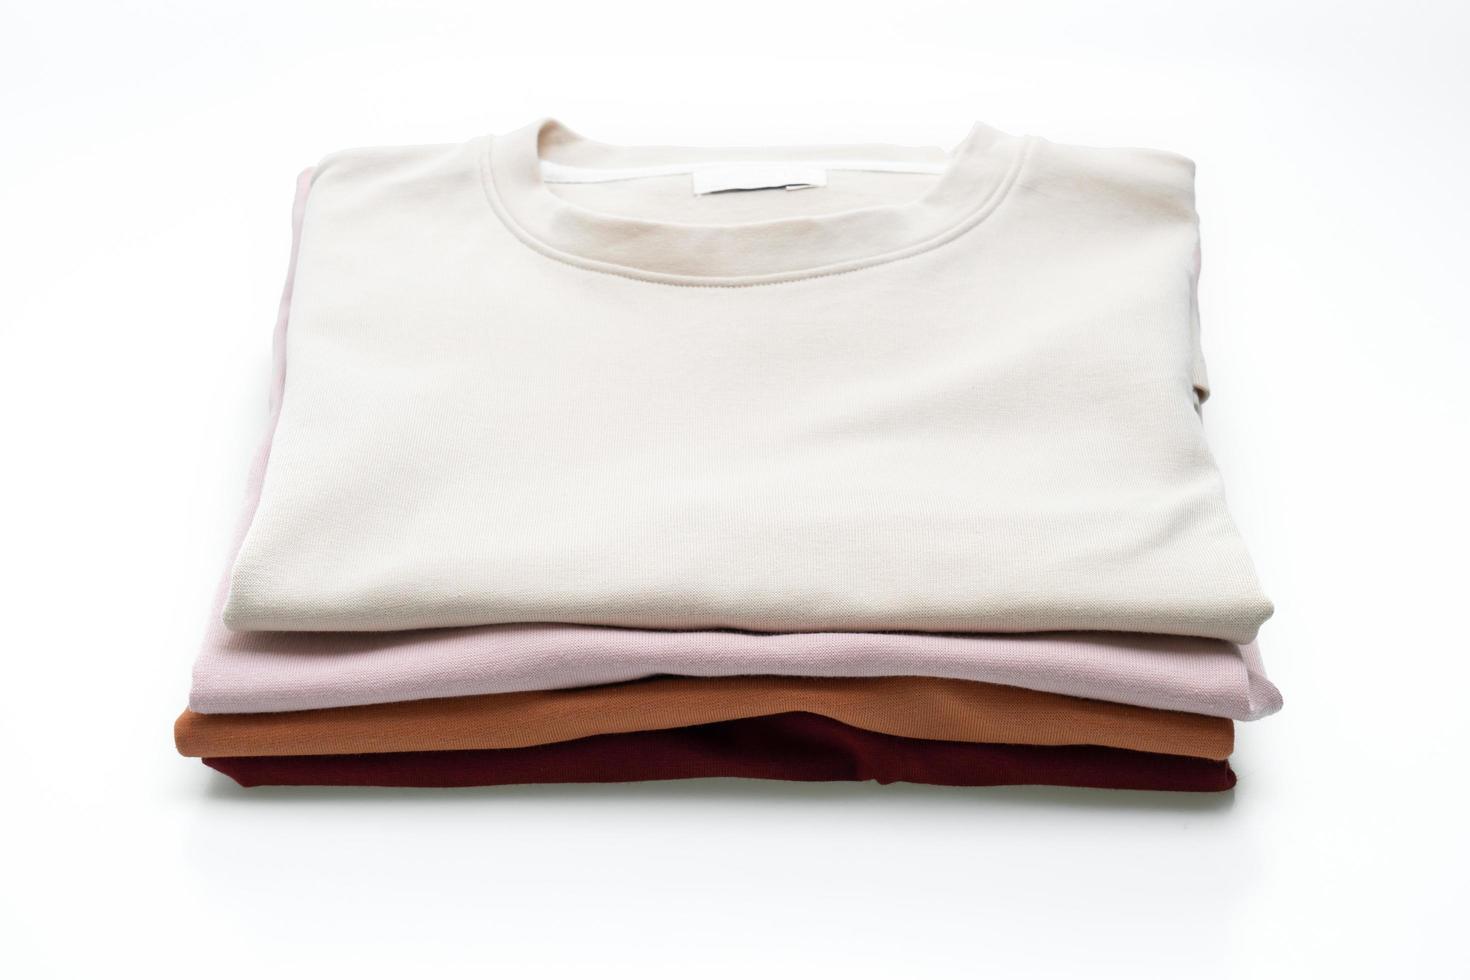 T-shirts pliés isolés sur fond blanc photo